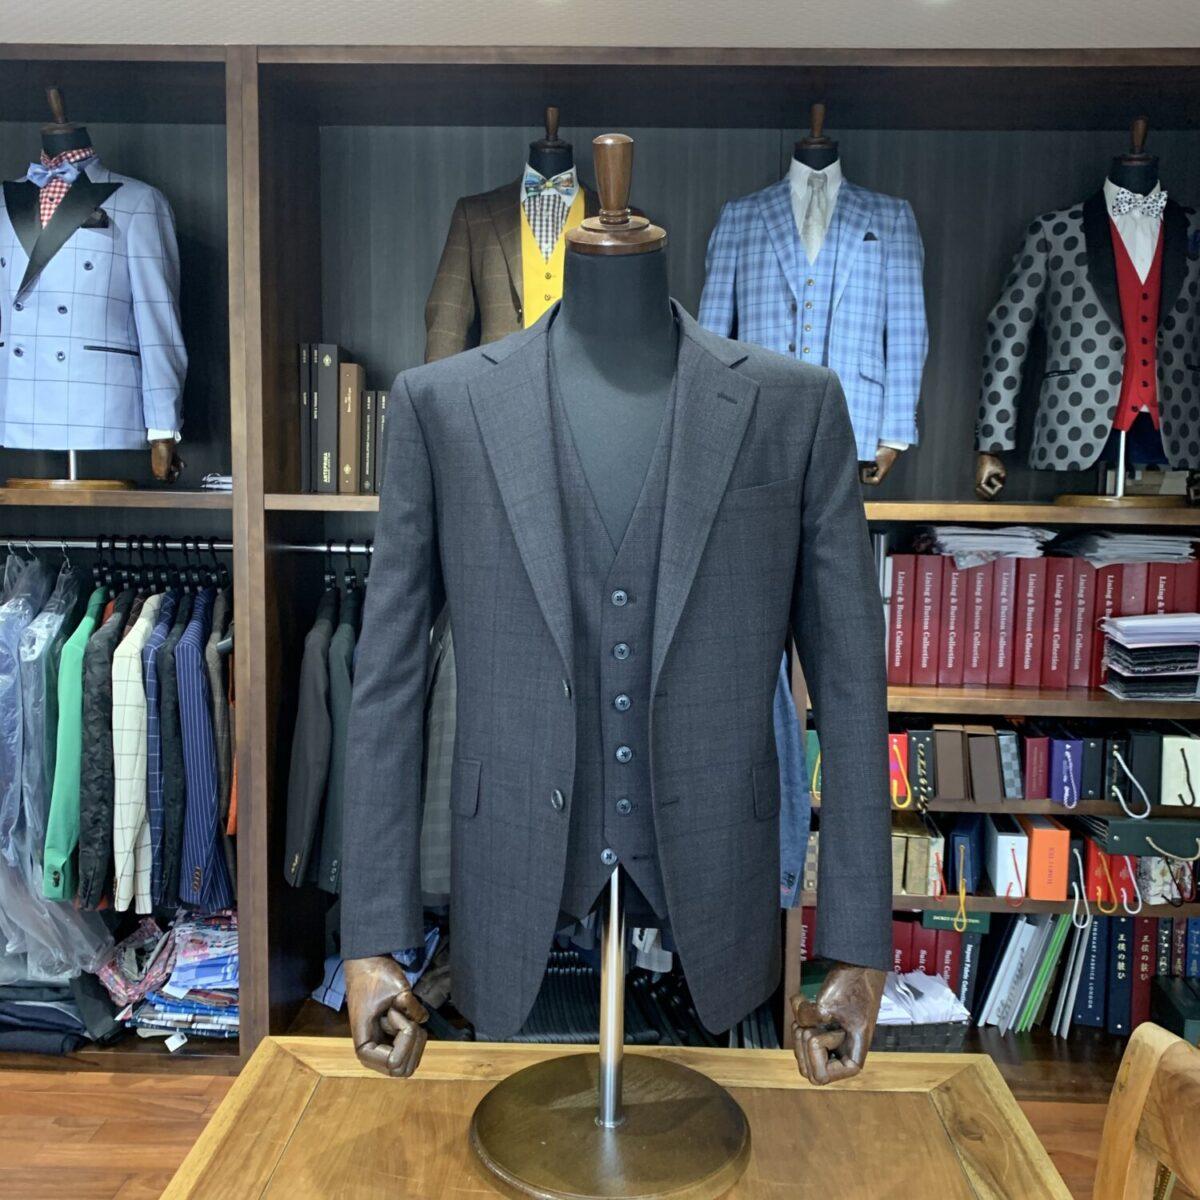 滋賀県草津市O様のオーダースーツを仕上げさせていただきました!